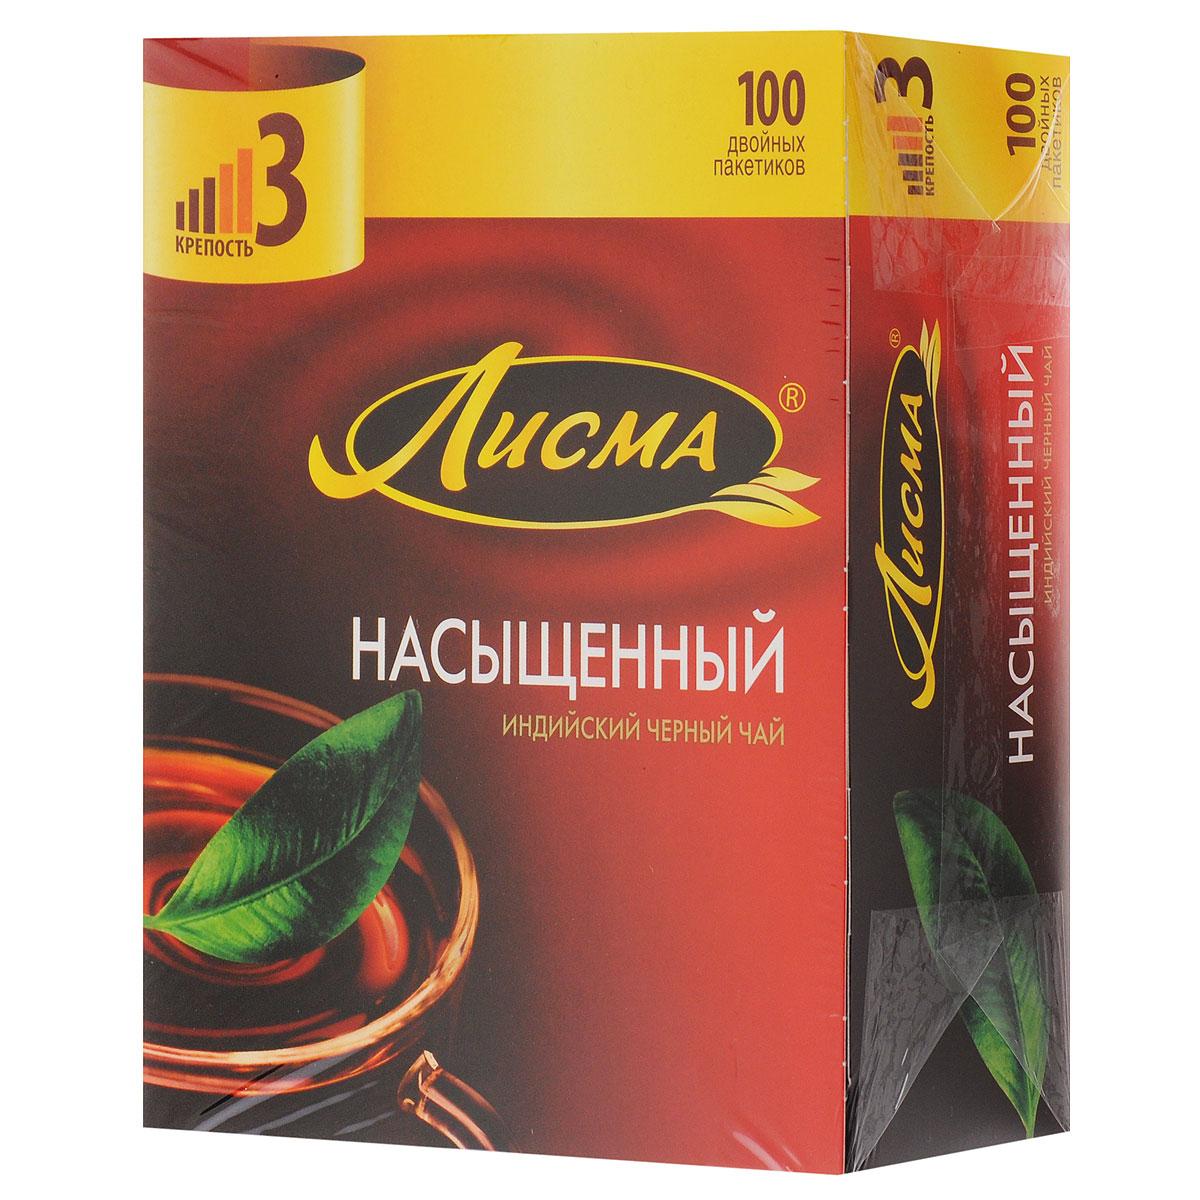 Лисма Насыщенный черный чай в пакетиках, 100 шт0120710Лисма Насыщенный- индийский черный байховый чай в пакетиках. В коробке содержится 100 пакетиков по 1,8 грамма.